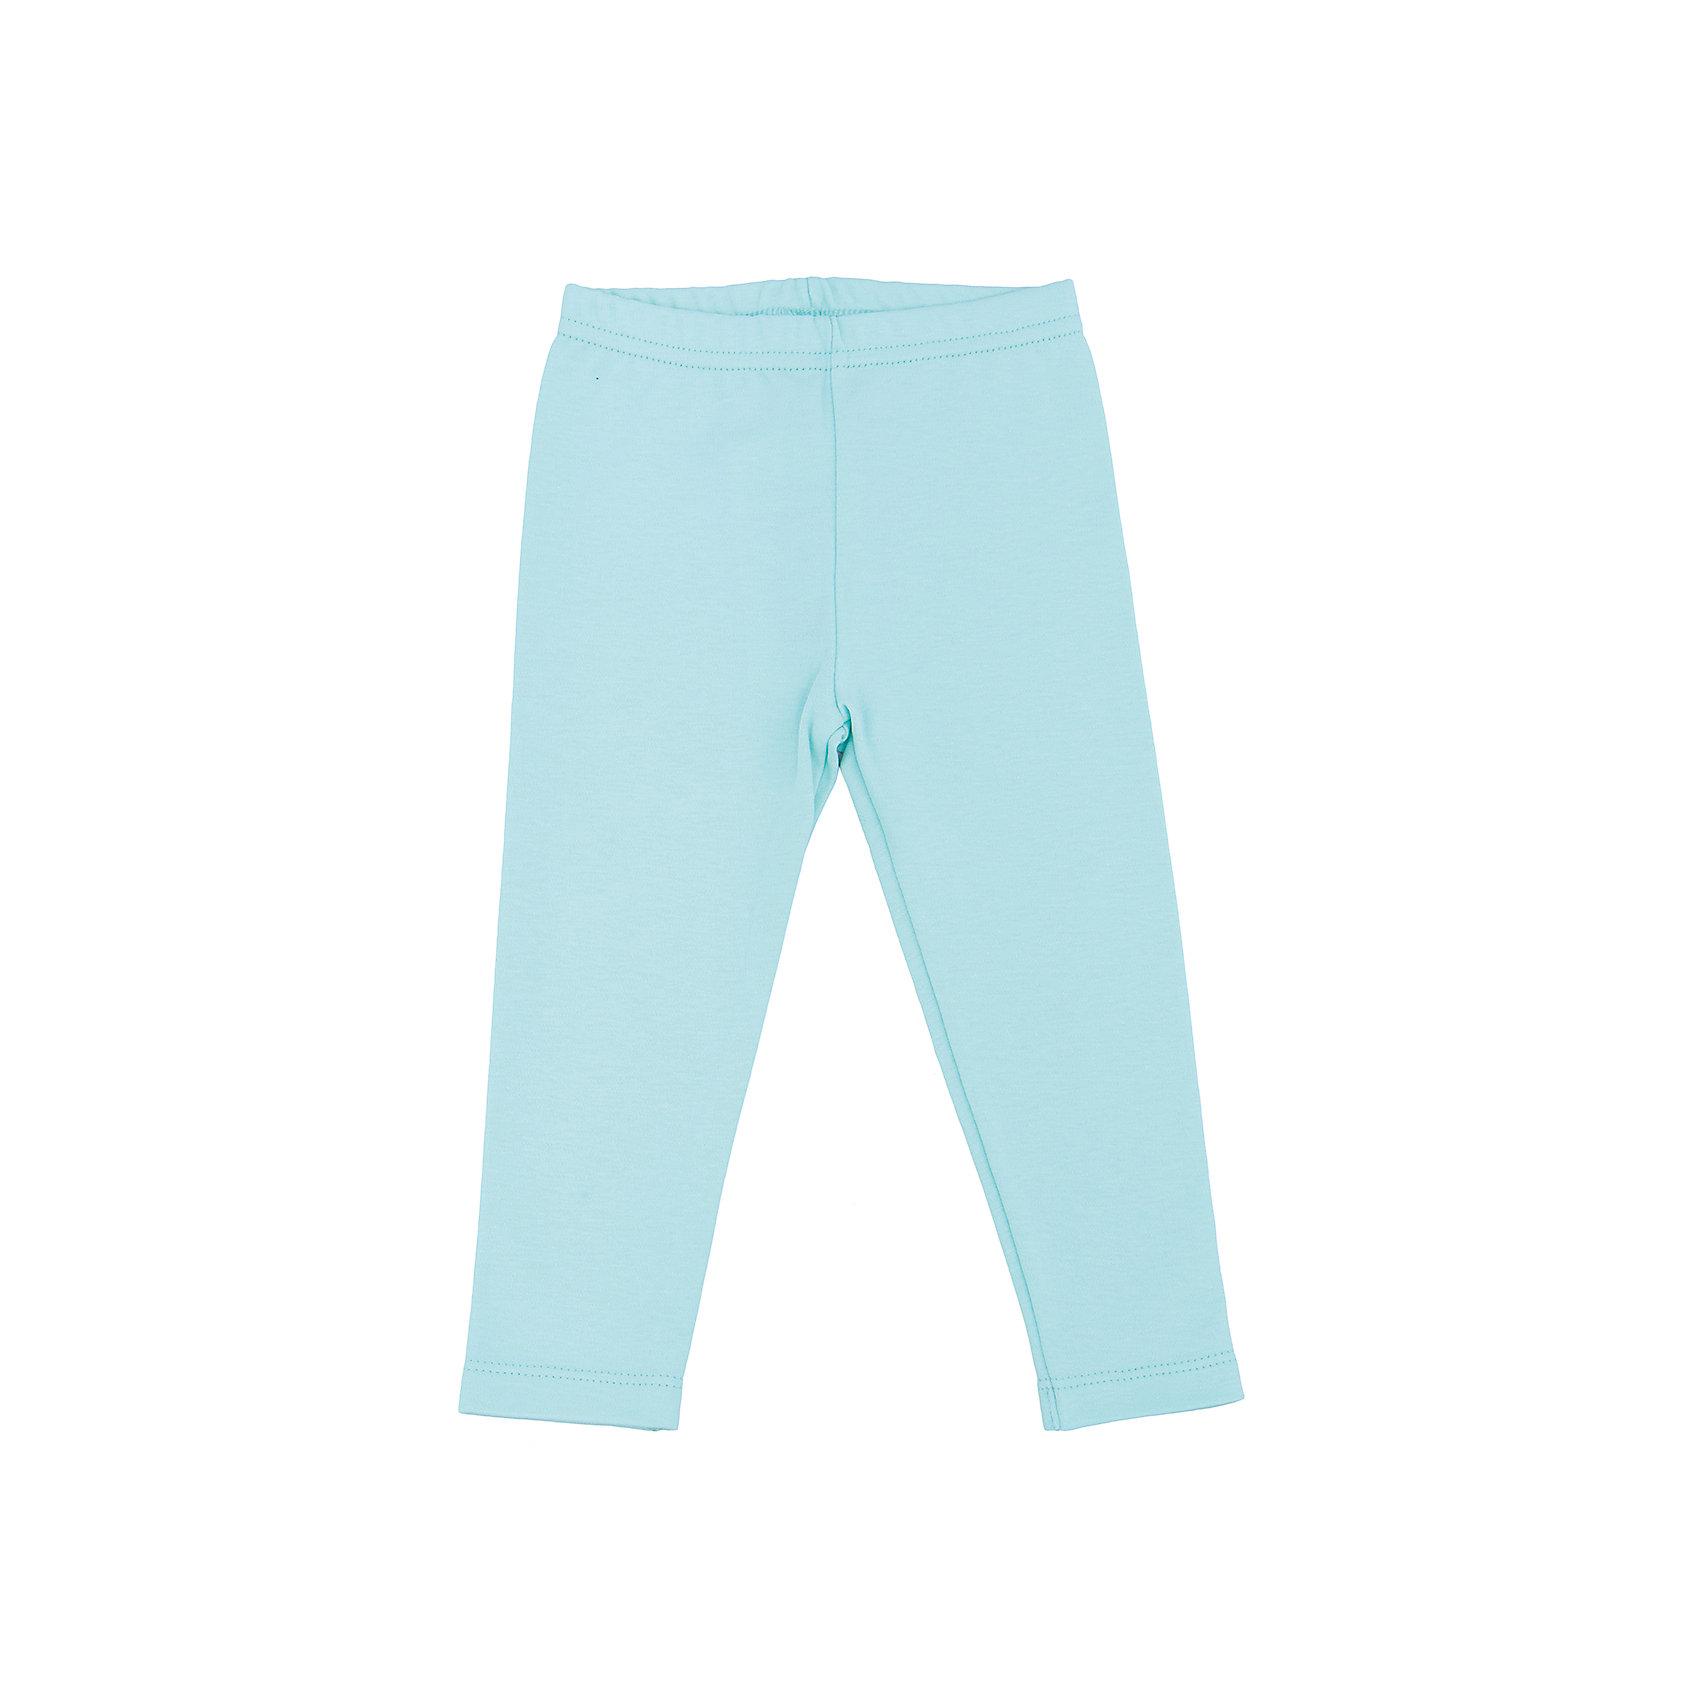 Мамуляндия Брюки slim (лосины) для девочки Мамуляндия брюки джинсы и штанишки мамуляндия лосины для девочки алиса 17 0210